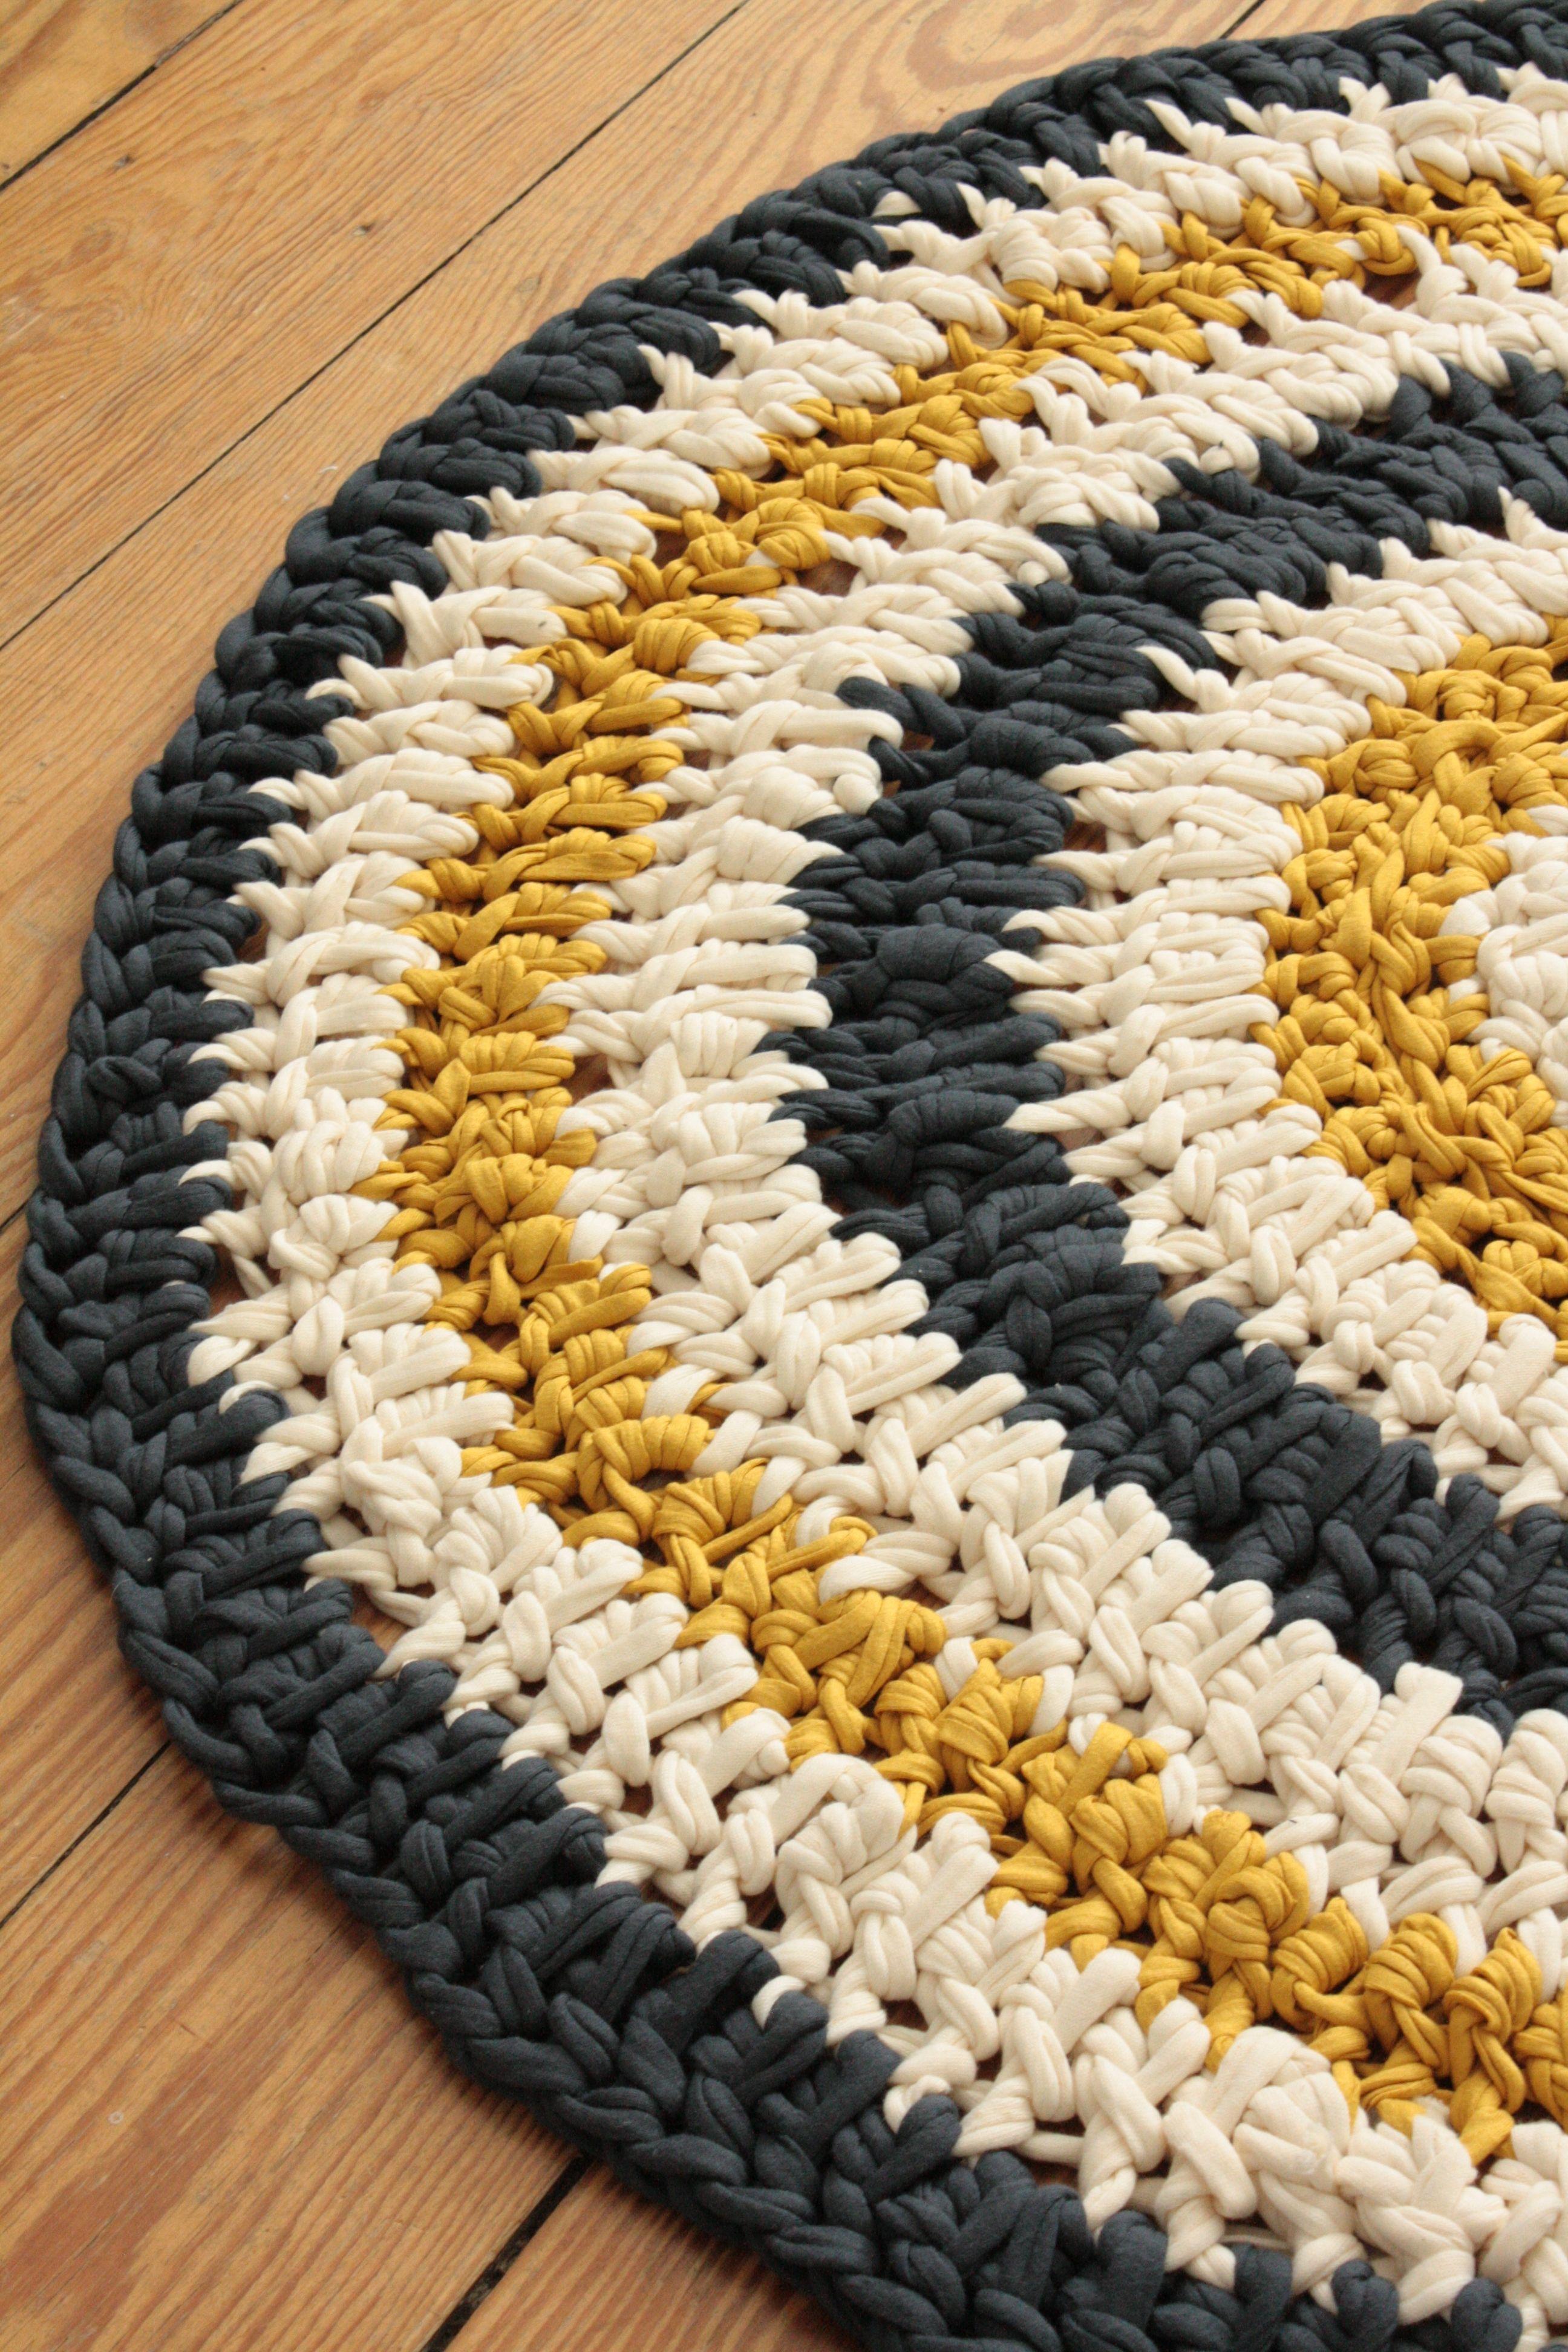 Pouf Stricken Textilgarn Textilgarn Bandchengarn Und Dicke Wolle